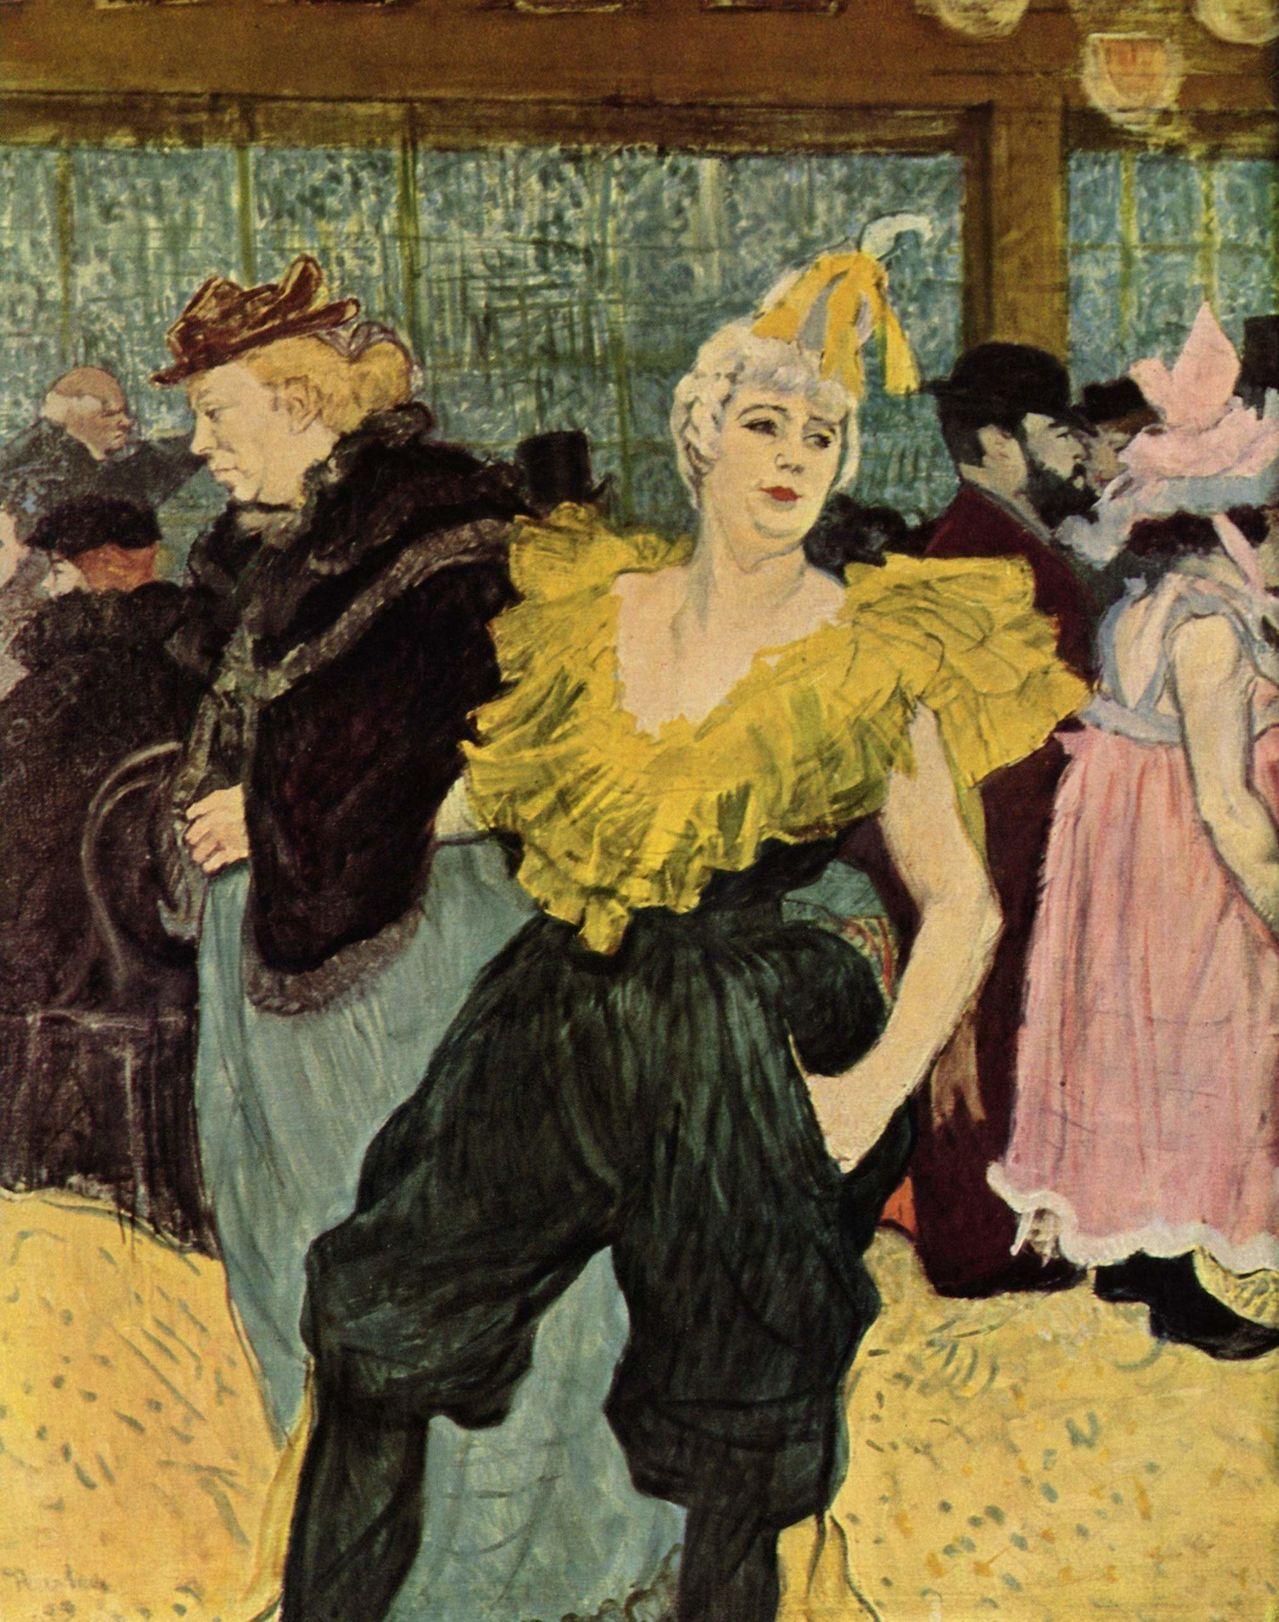 Henri de Toulouse-Lautrec - Page 3 Henri_de_Toulouse_Lautrec_036